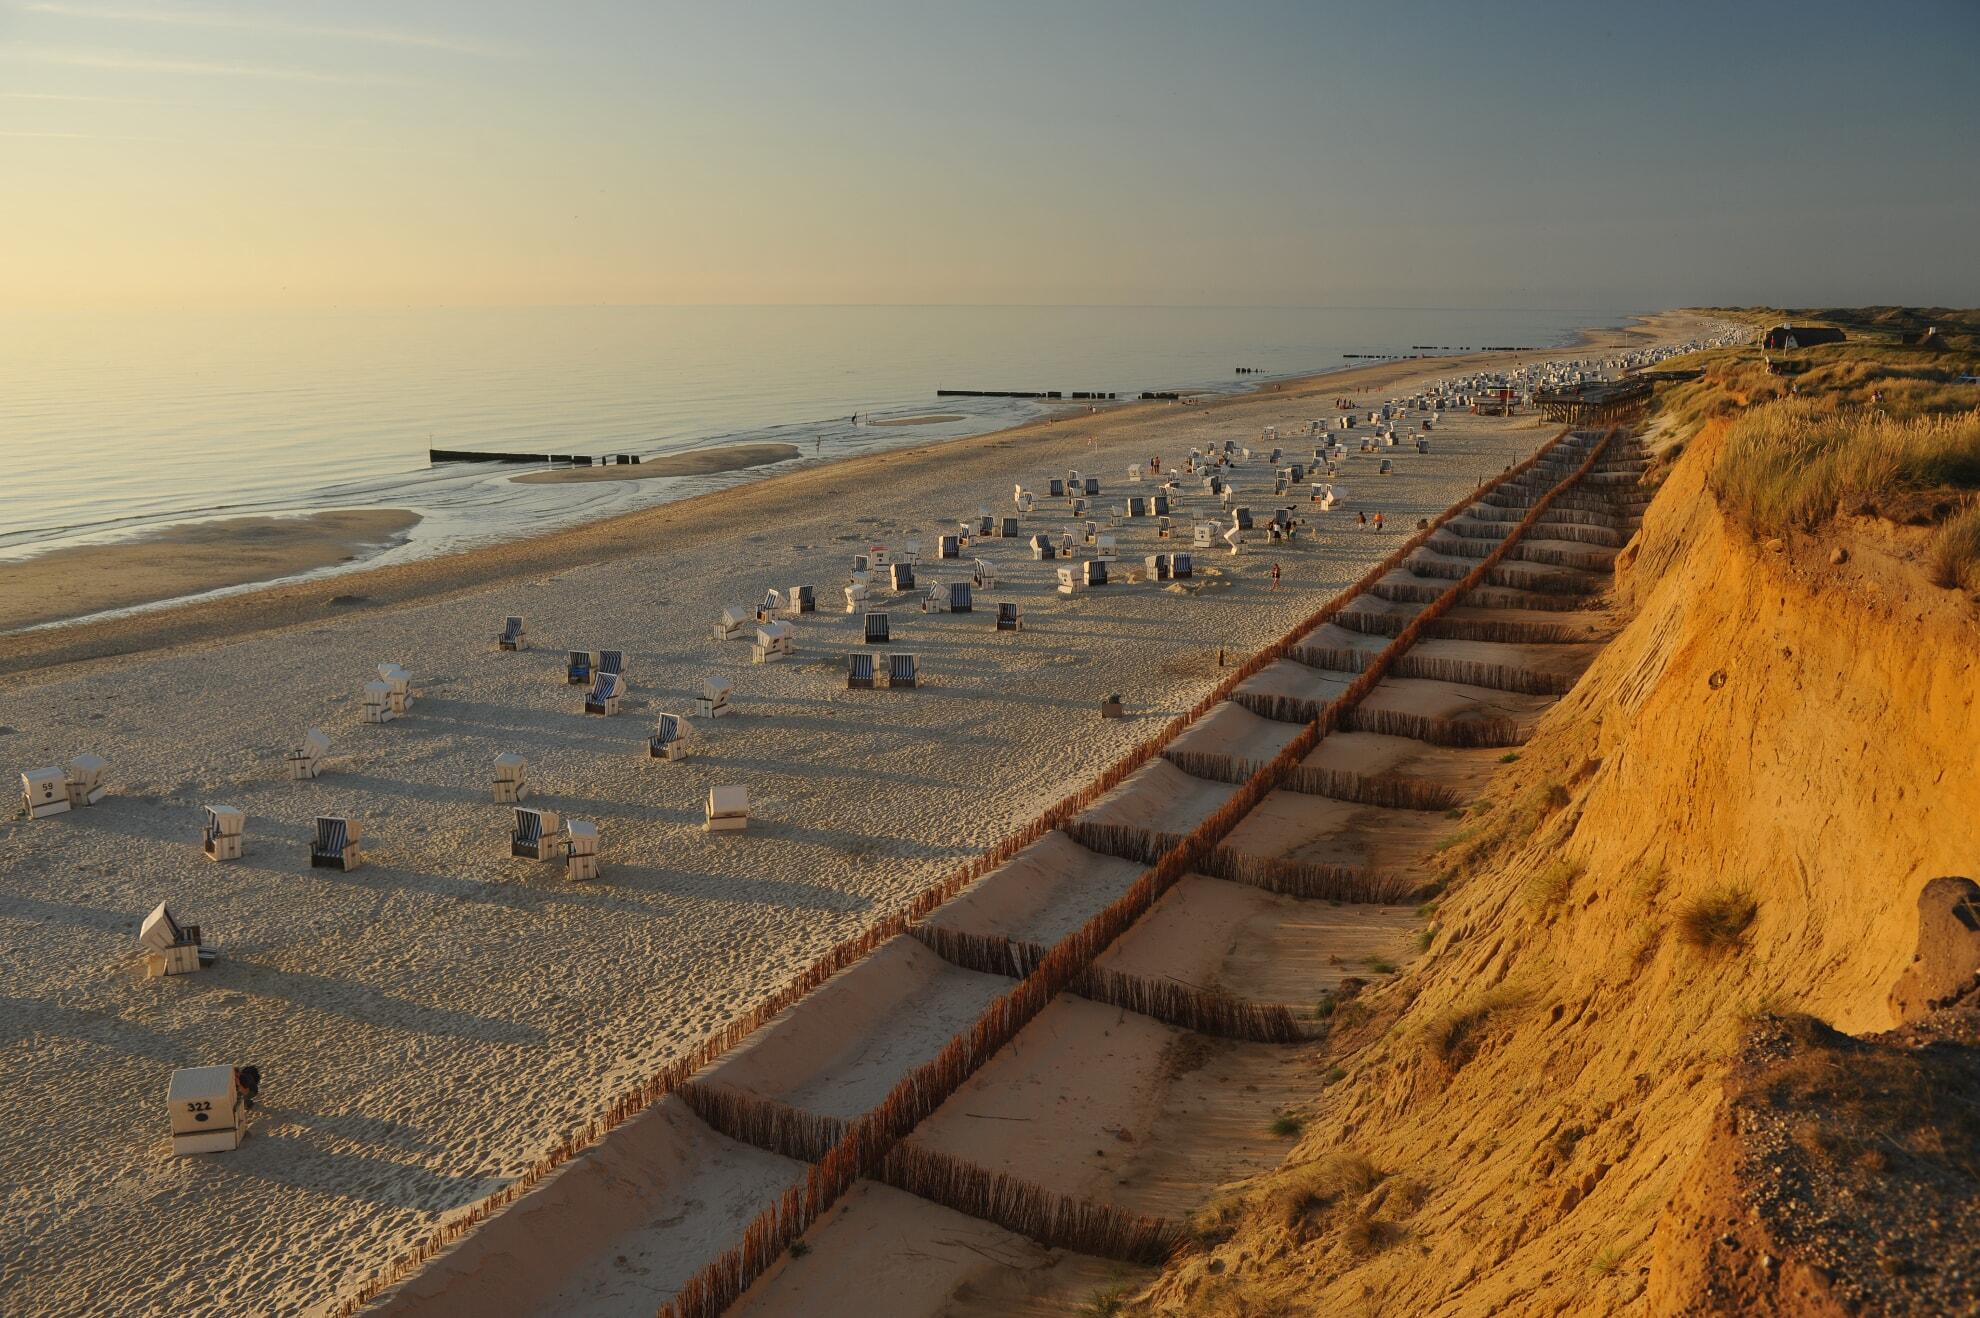 Blick auf den Strand vom Roten Kliff